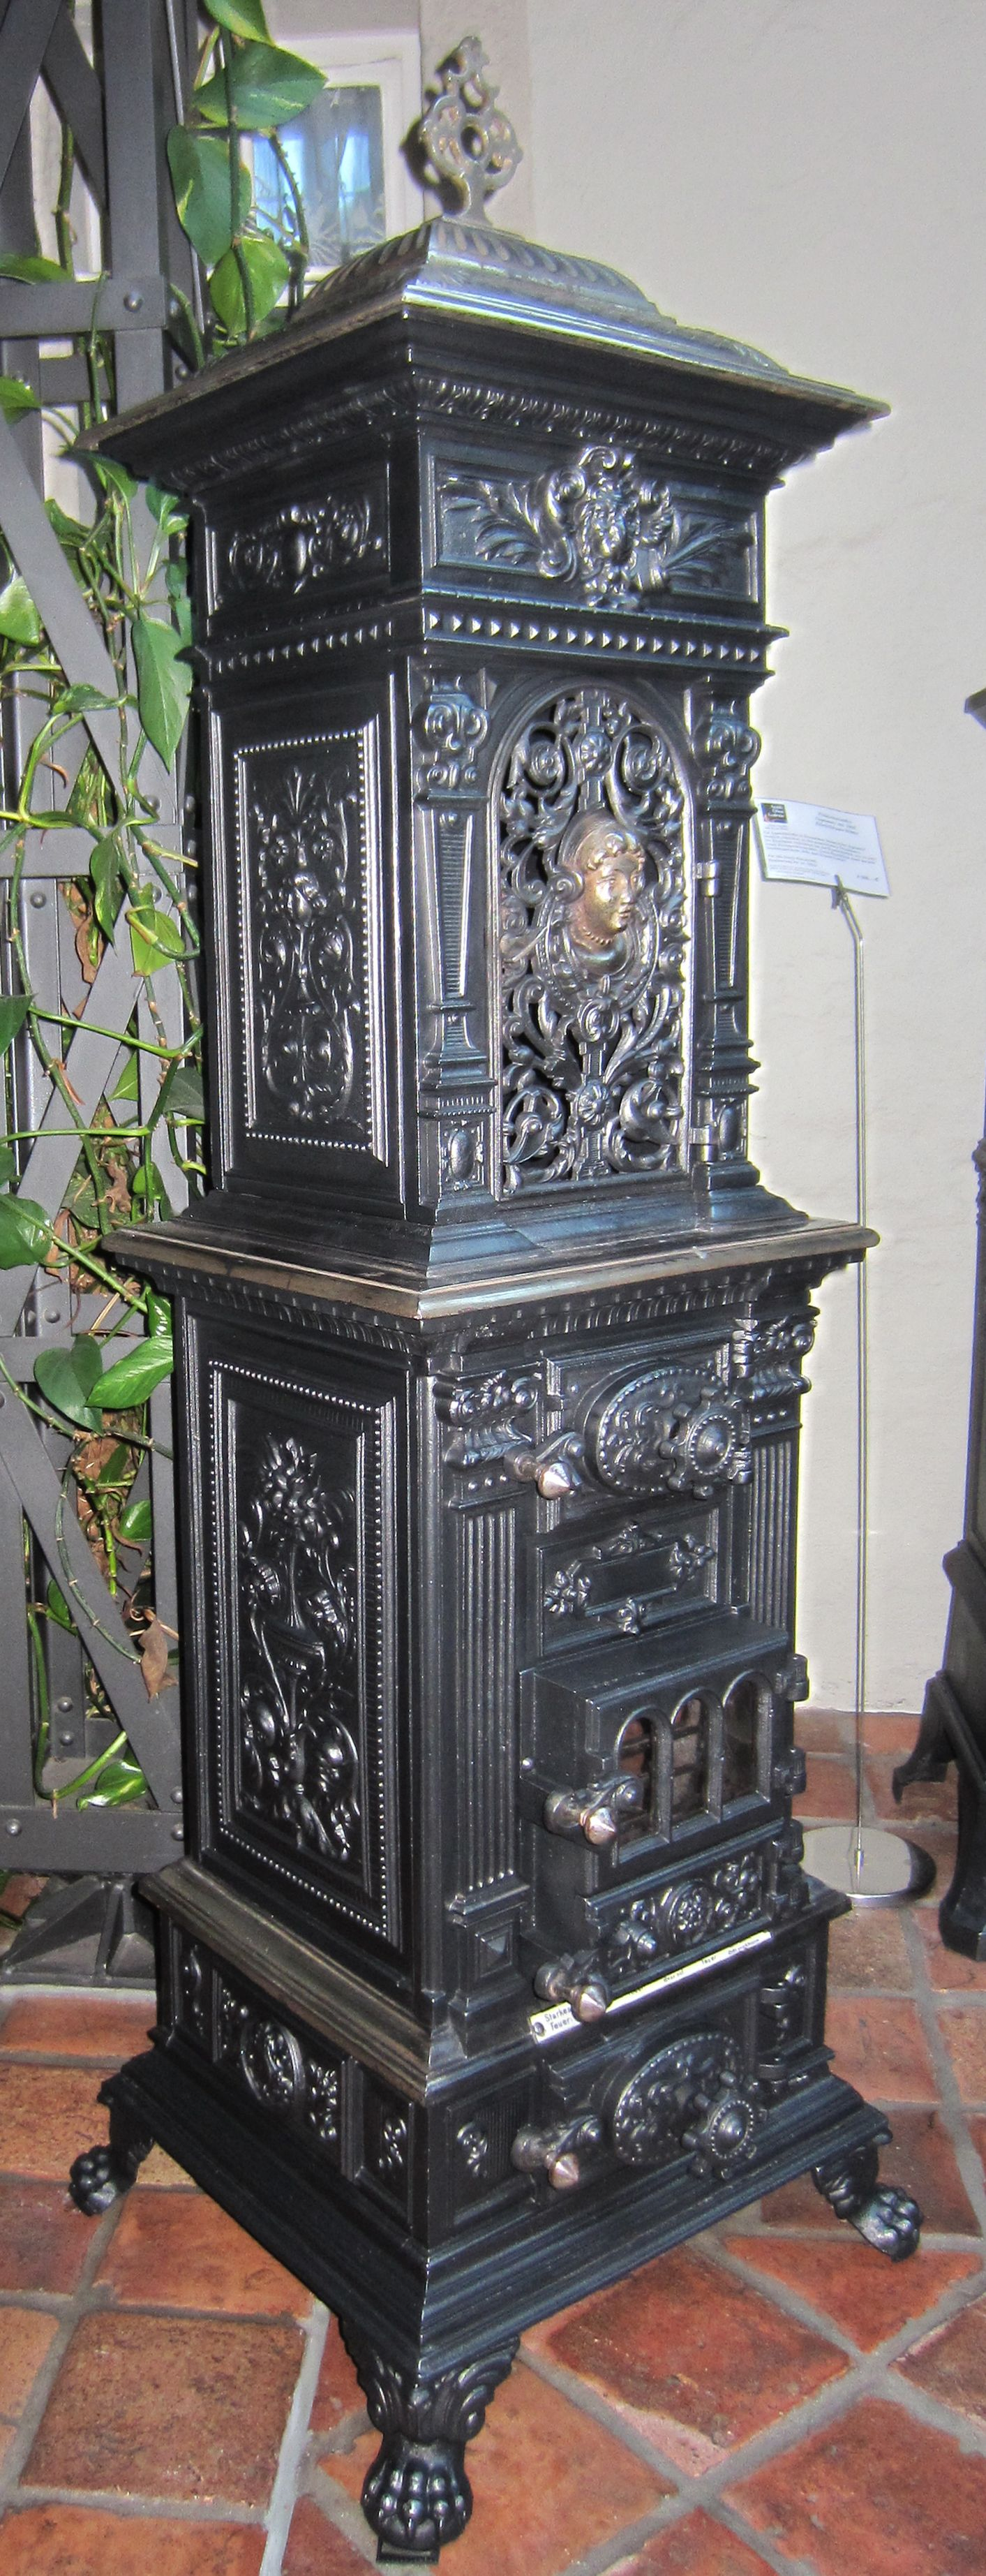 Seltener Prunkofen Mit Nickel Aus Der Antik Ofen Galerie